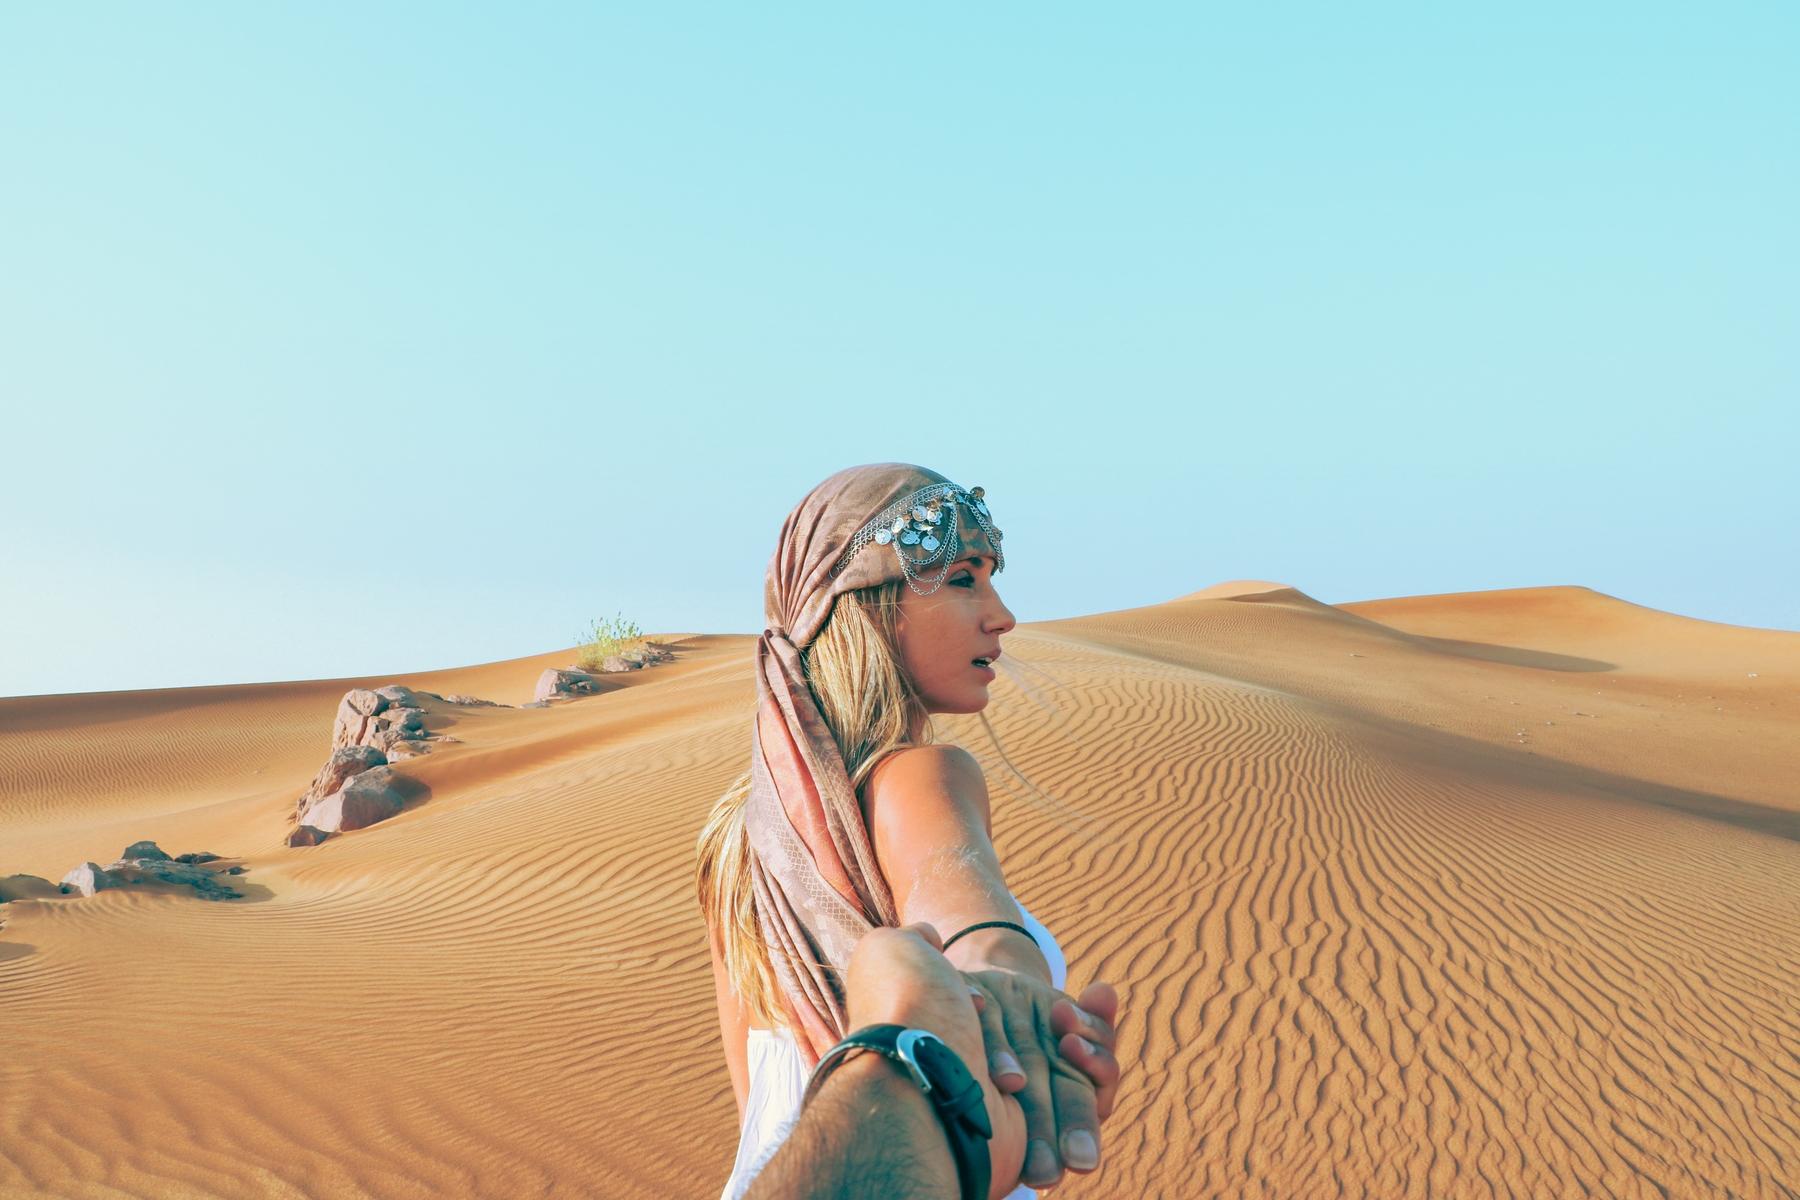 Traumreiseziele: Wüstentour in Dubai